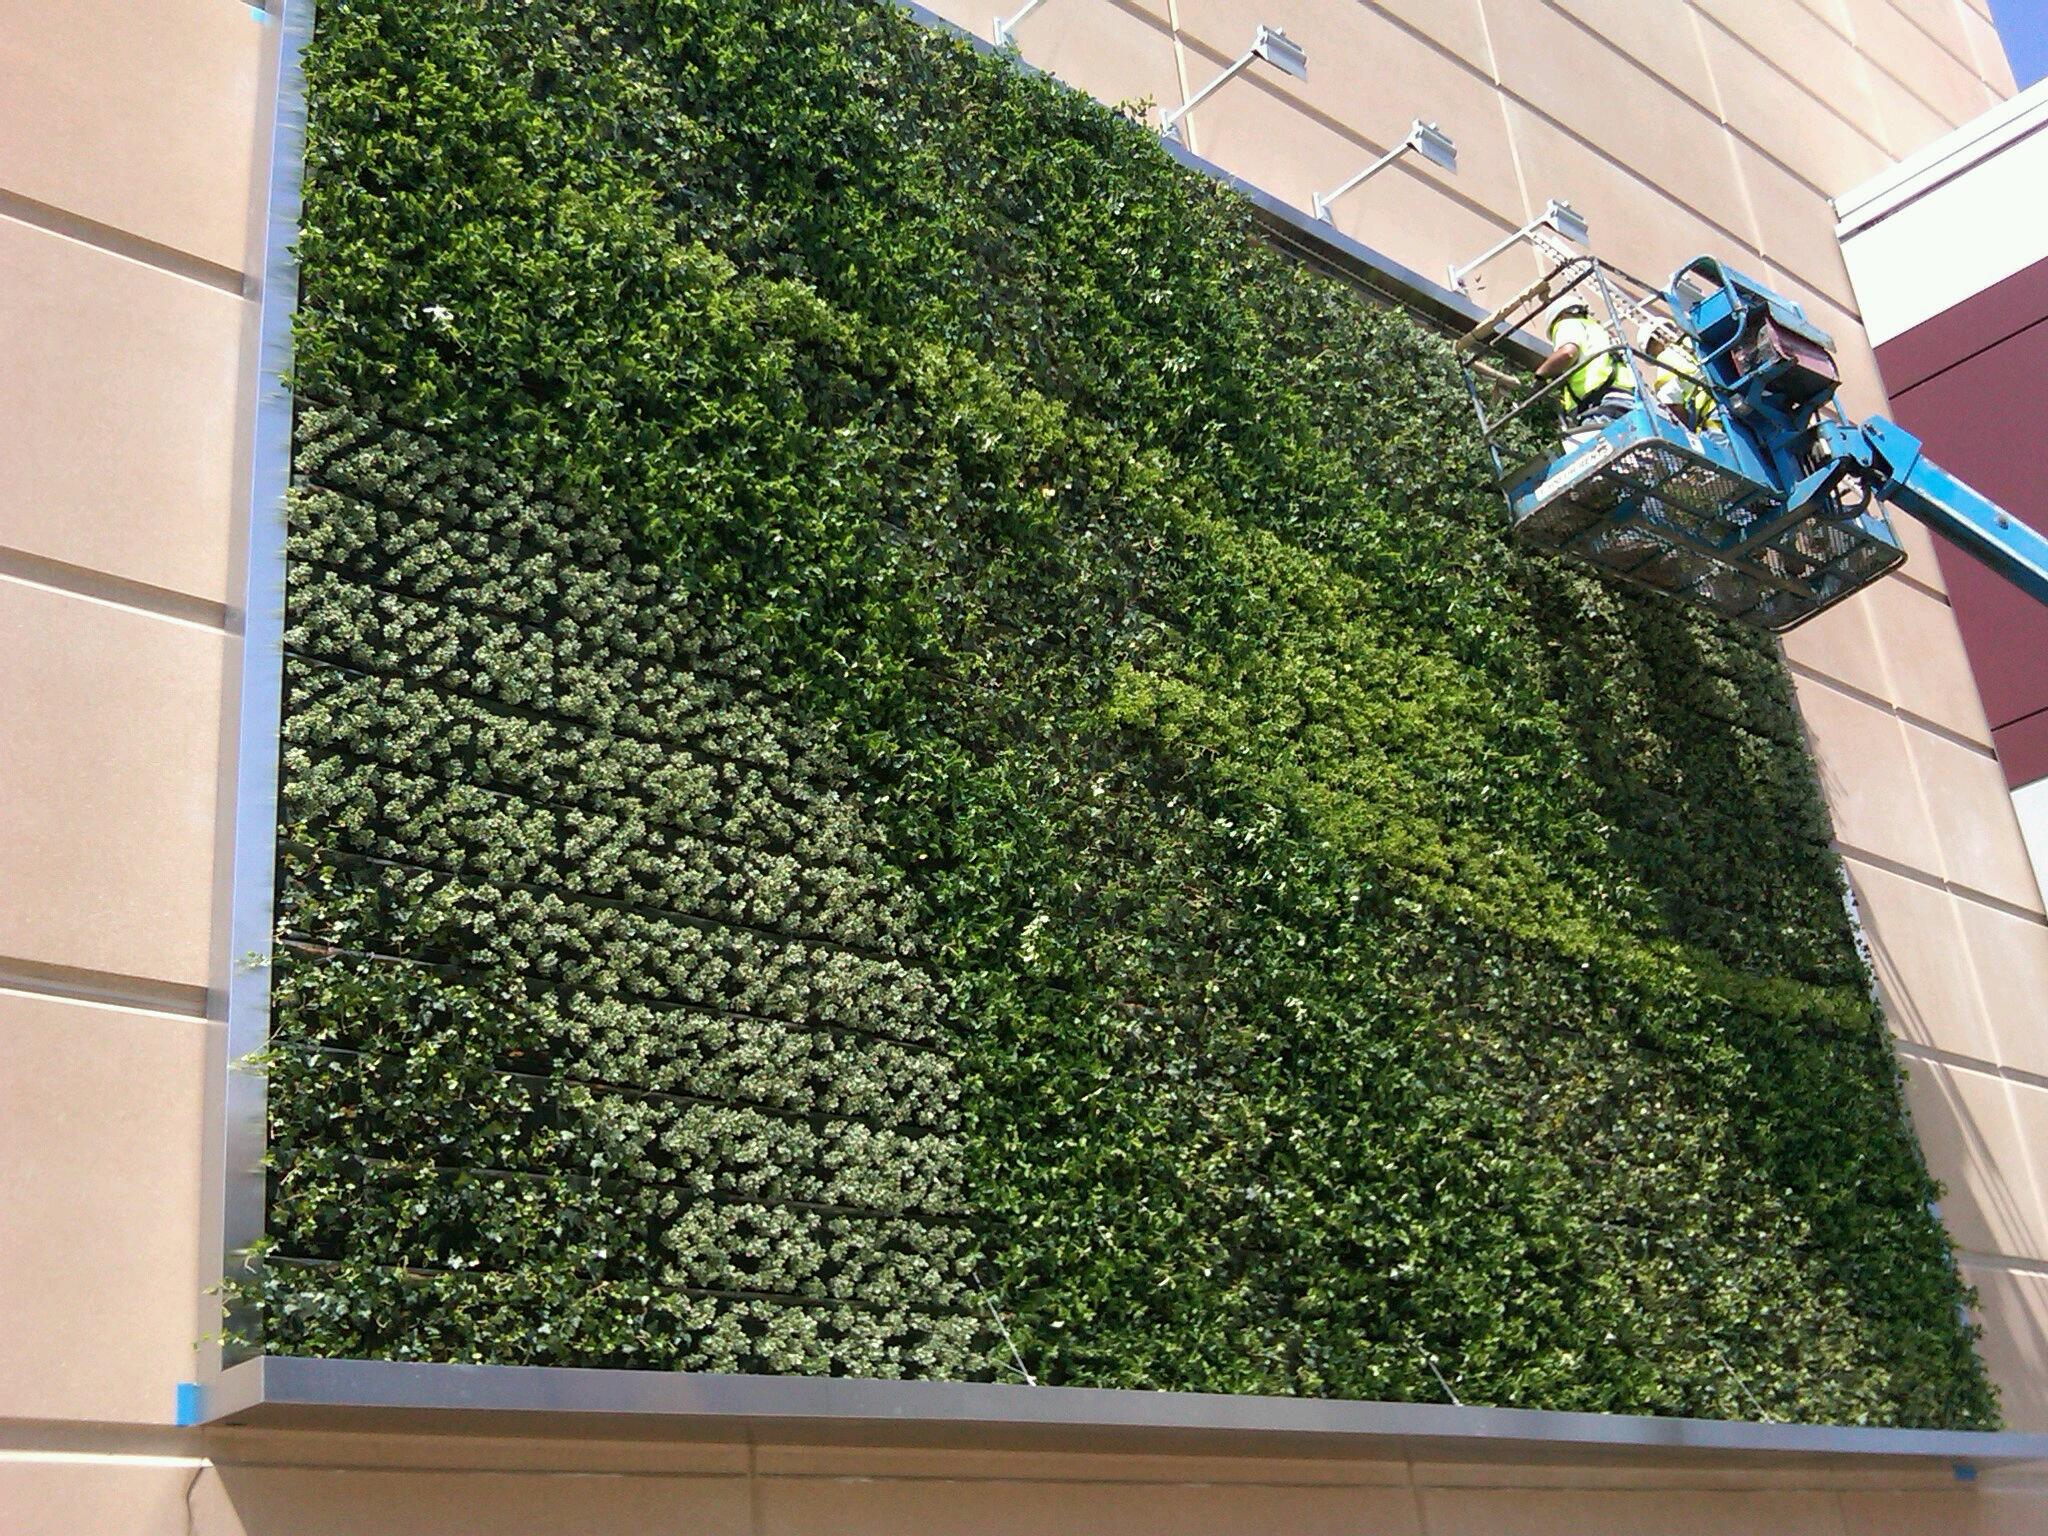 landscaping-garden-living-wall-fresh-green-wall-stainless-steel-landscape-garden-wall-decor-beige-stain-wall-stainless-steel-wall-lamp-living-wall-decorating-apartment-living-wall-design-ideas.jpeg